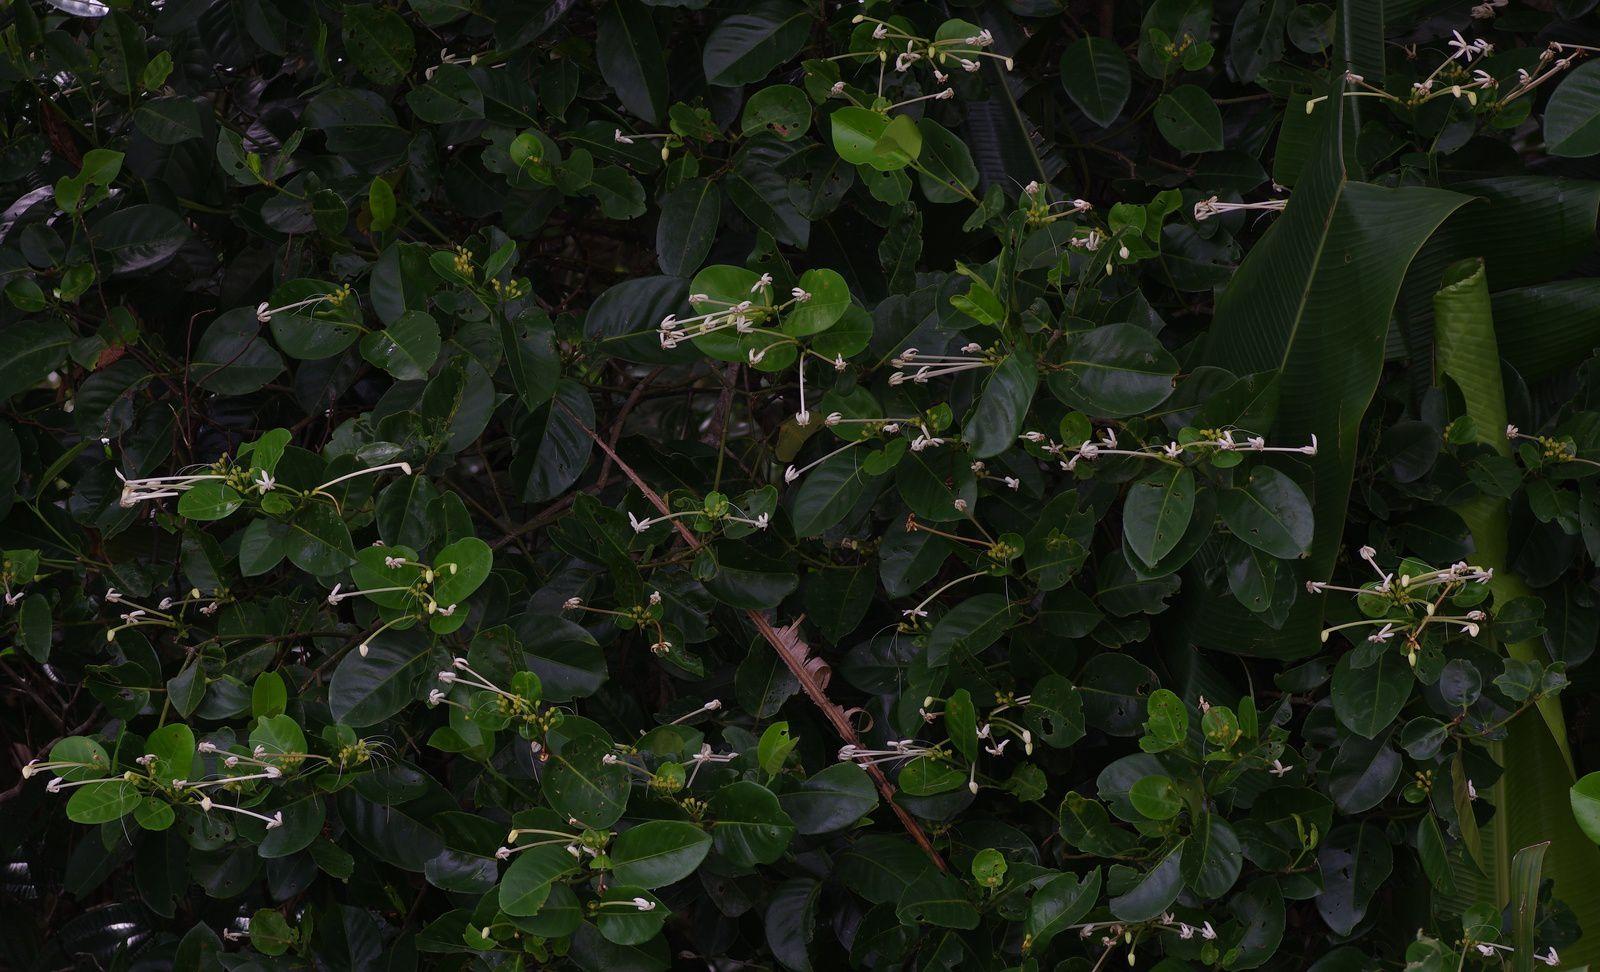 Posoqueria latifolia